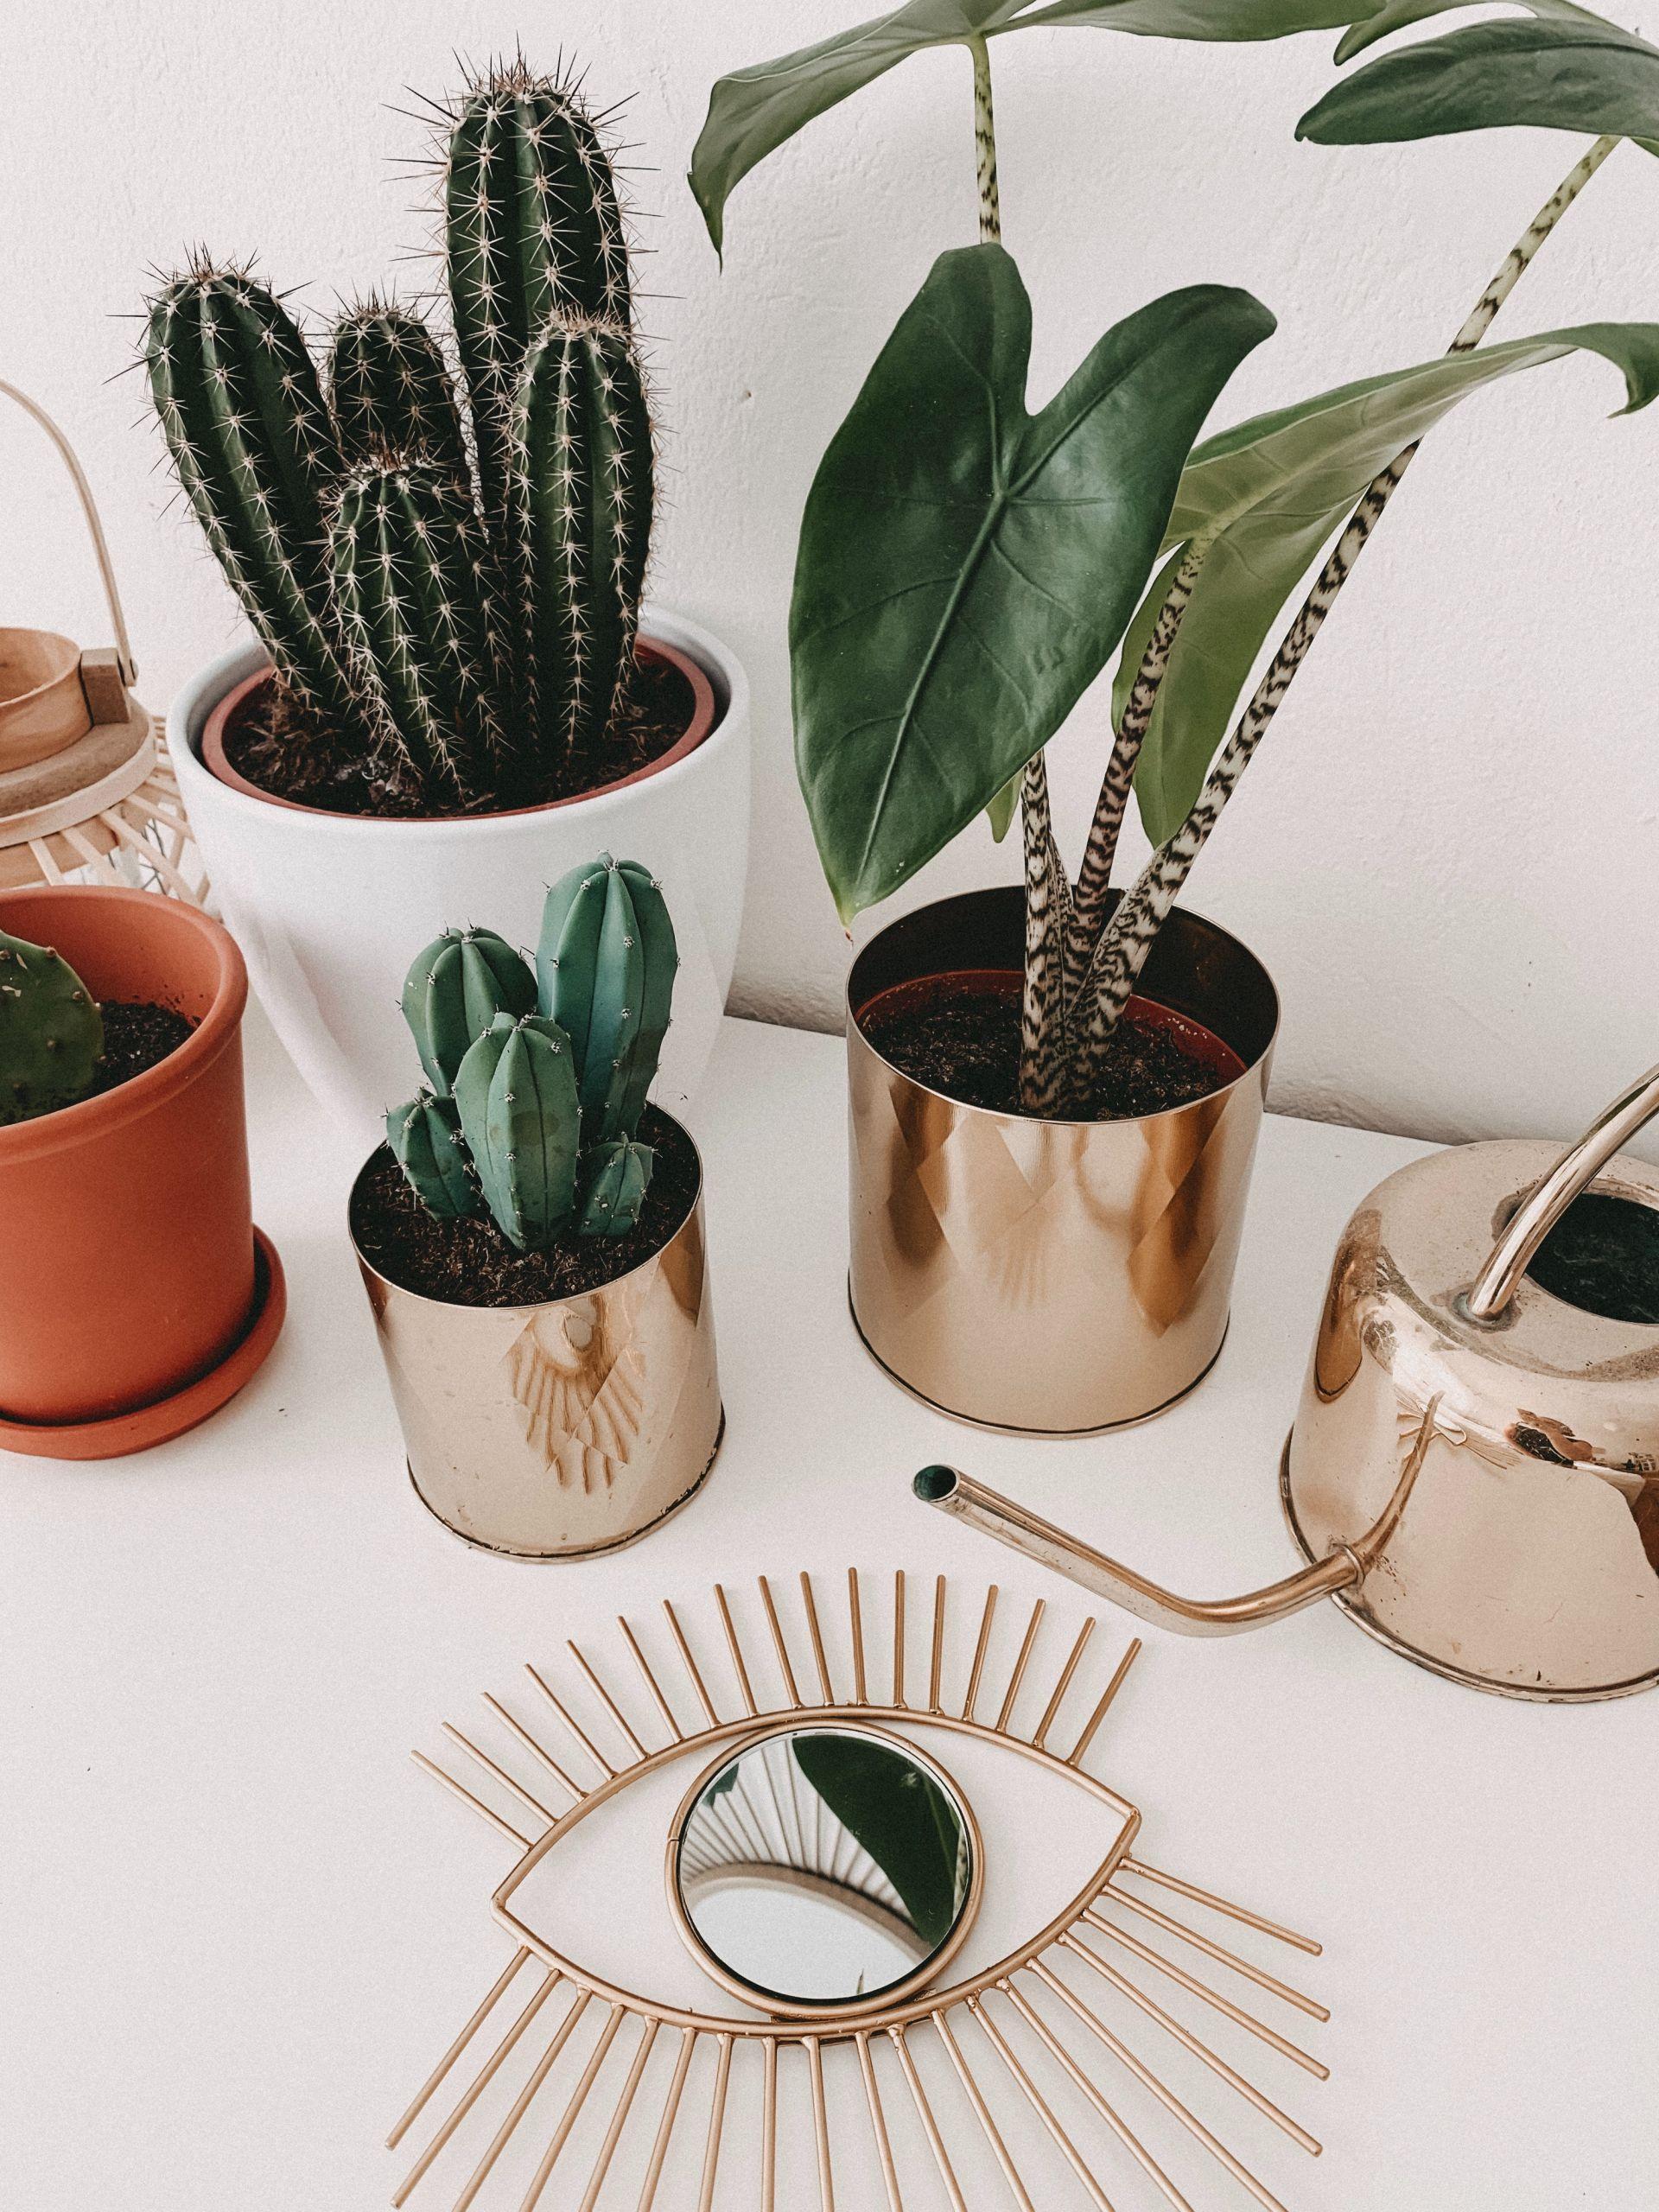 Gartenpflanzen Pflegeleicht Schön Diese Stylischen Pflanzen Sind Besonders Pflegeleicht